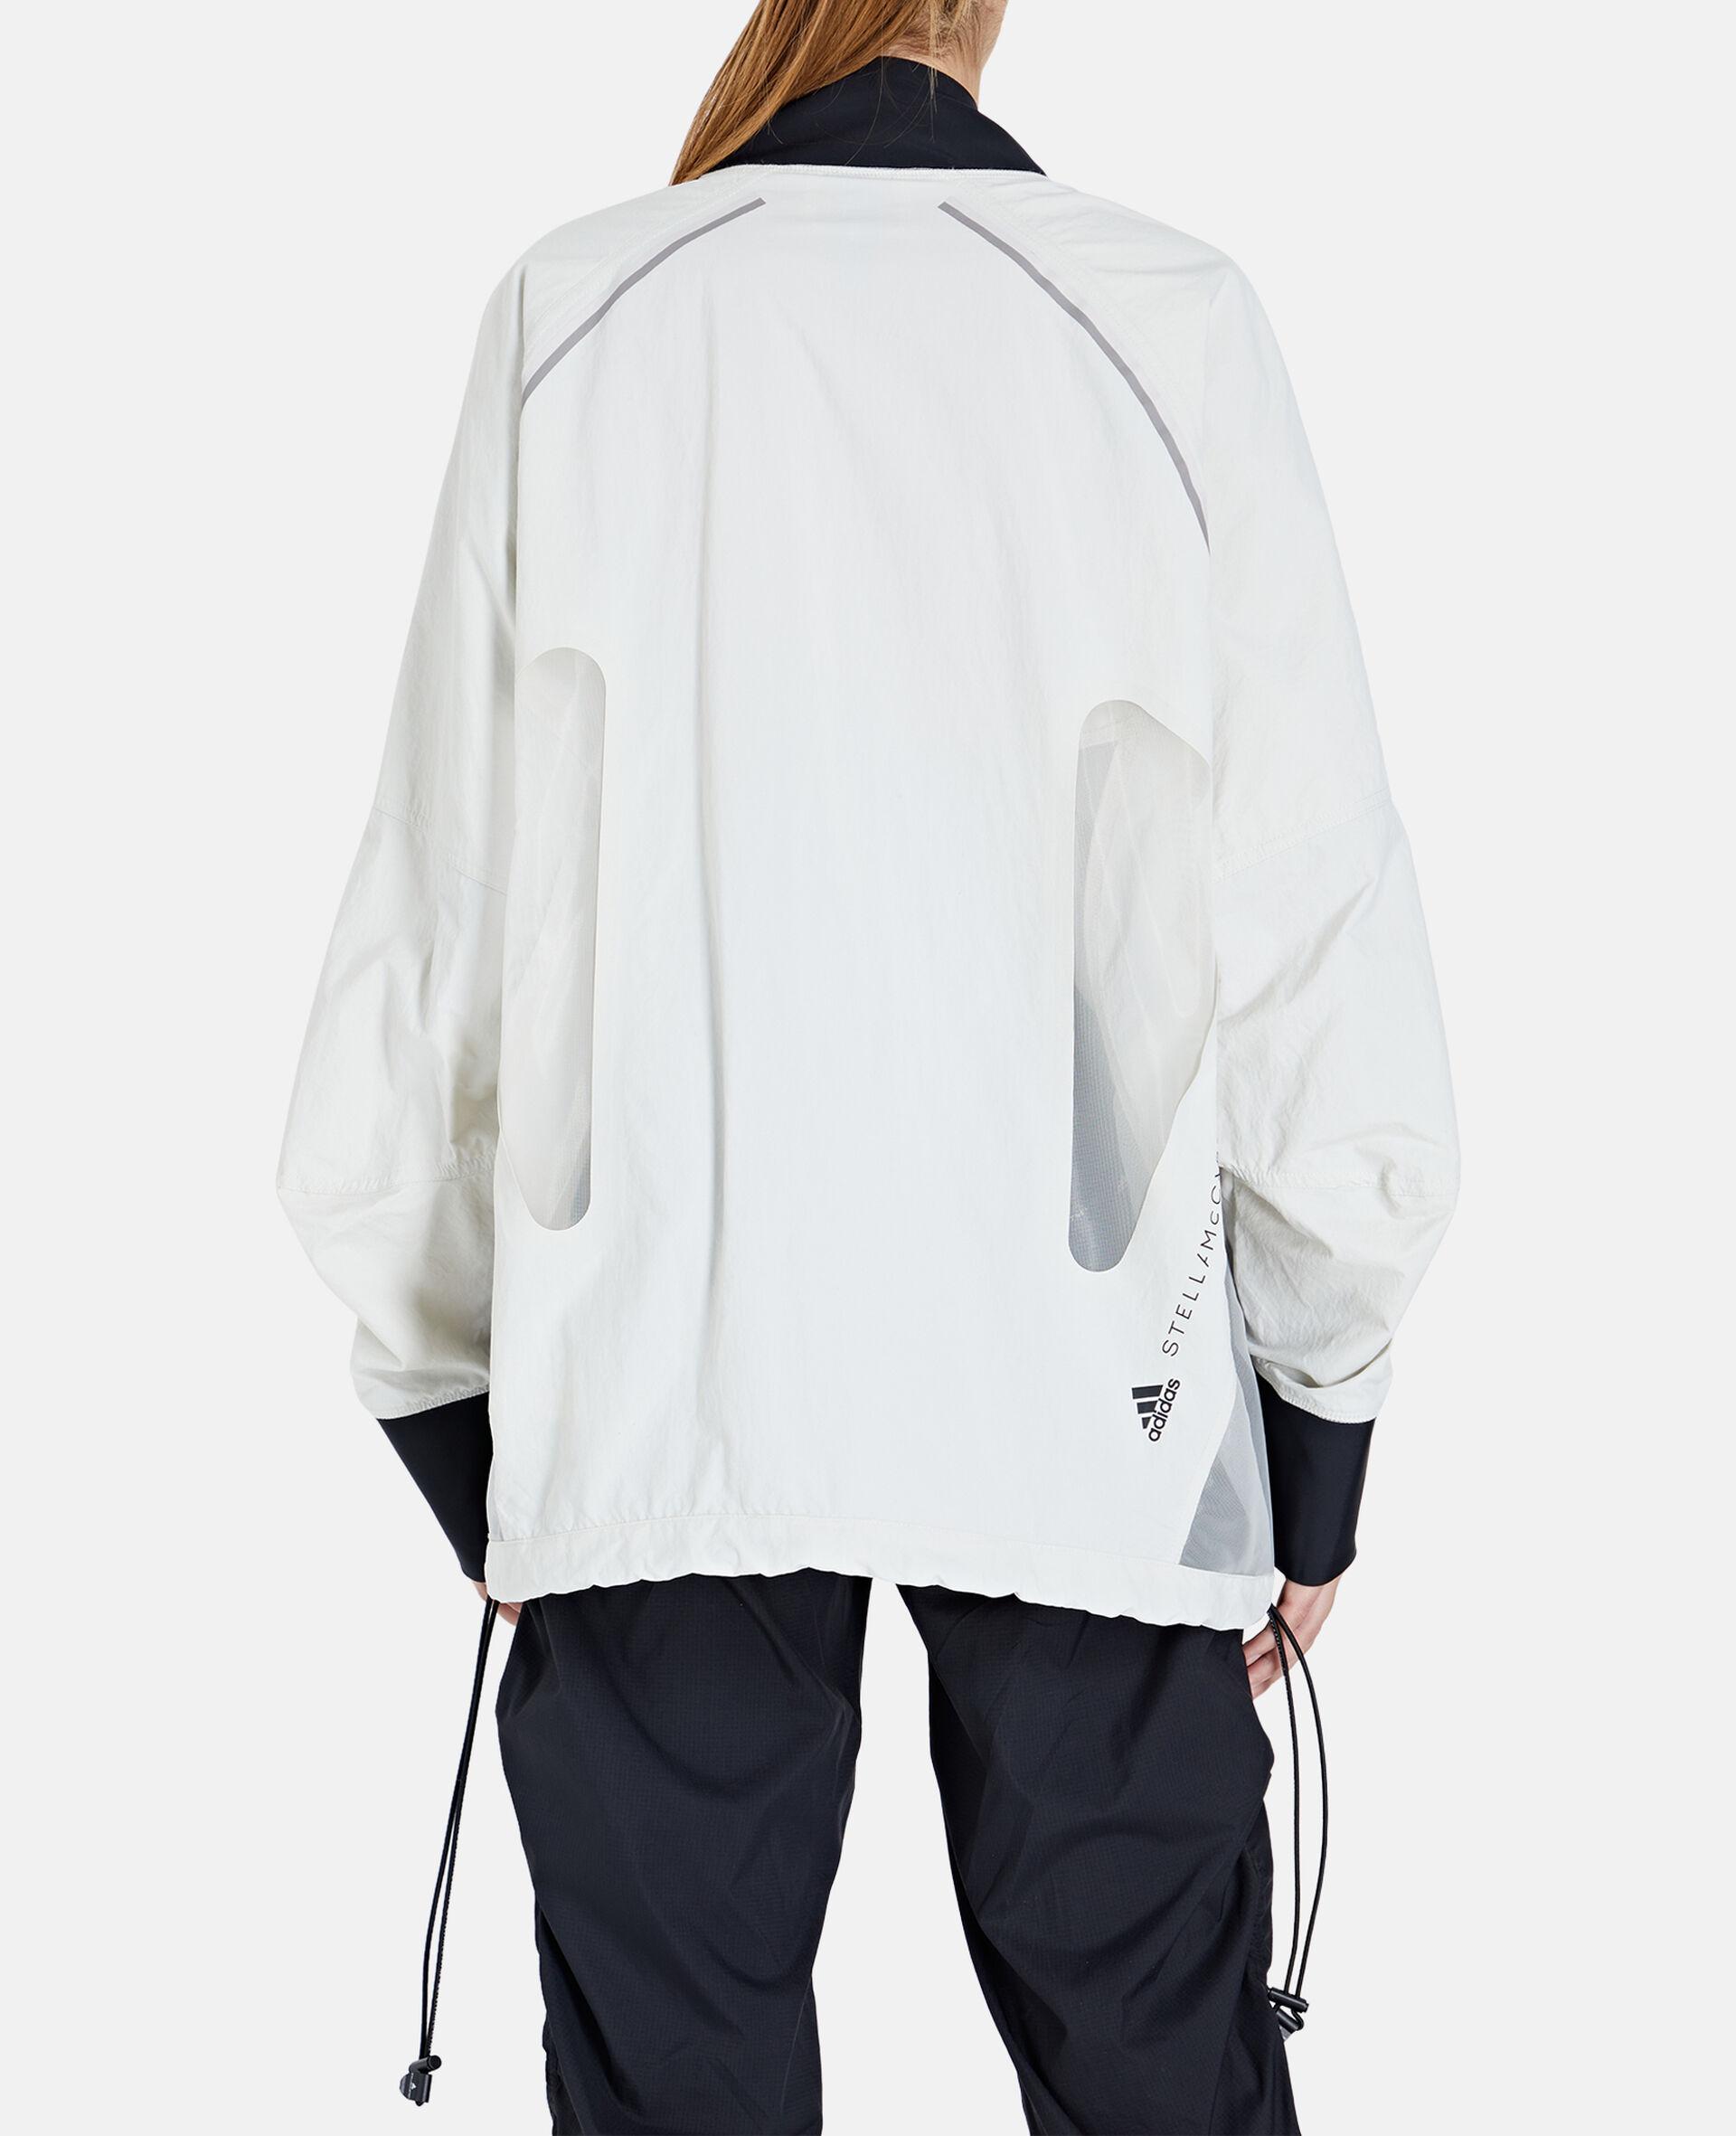 Beige Pull-On Jacket-Beige-large image number 2